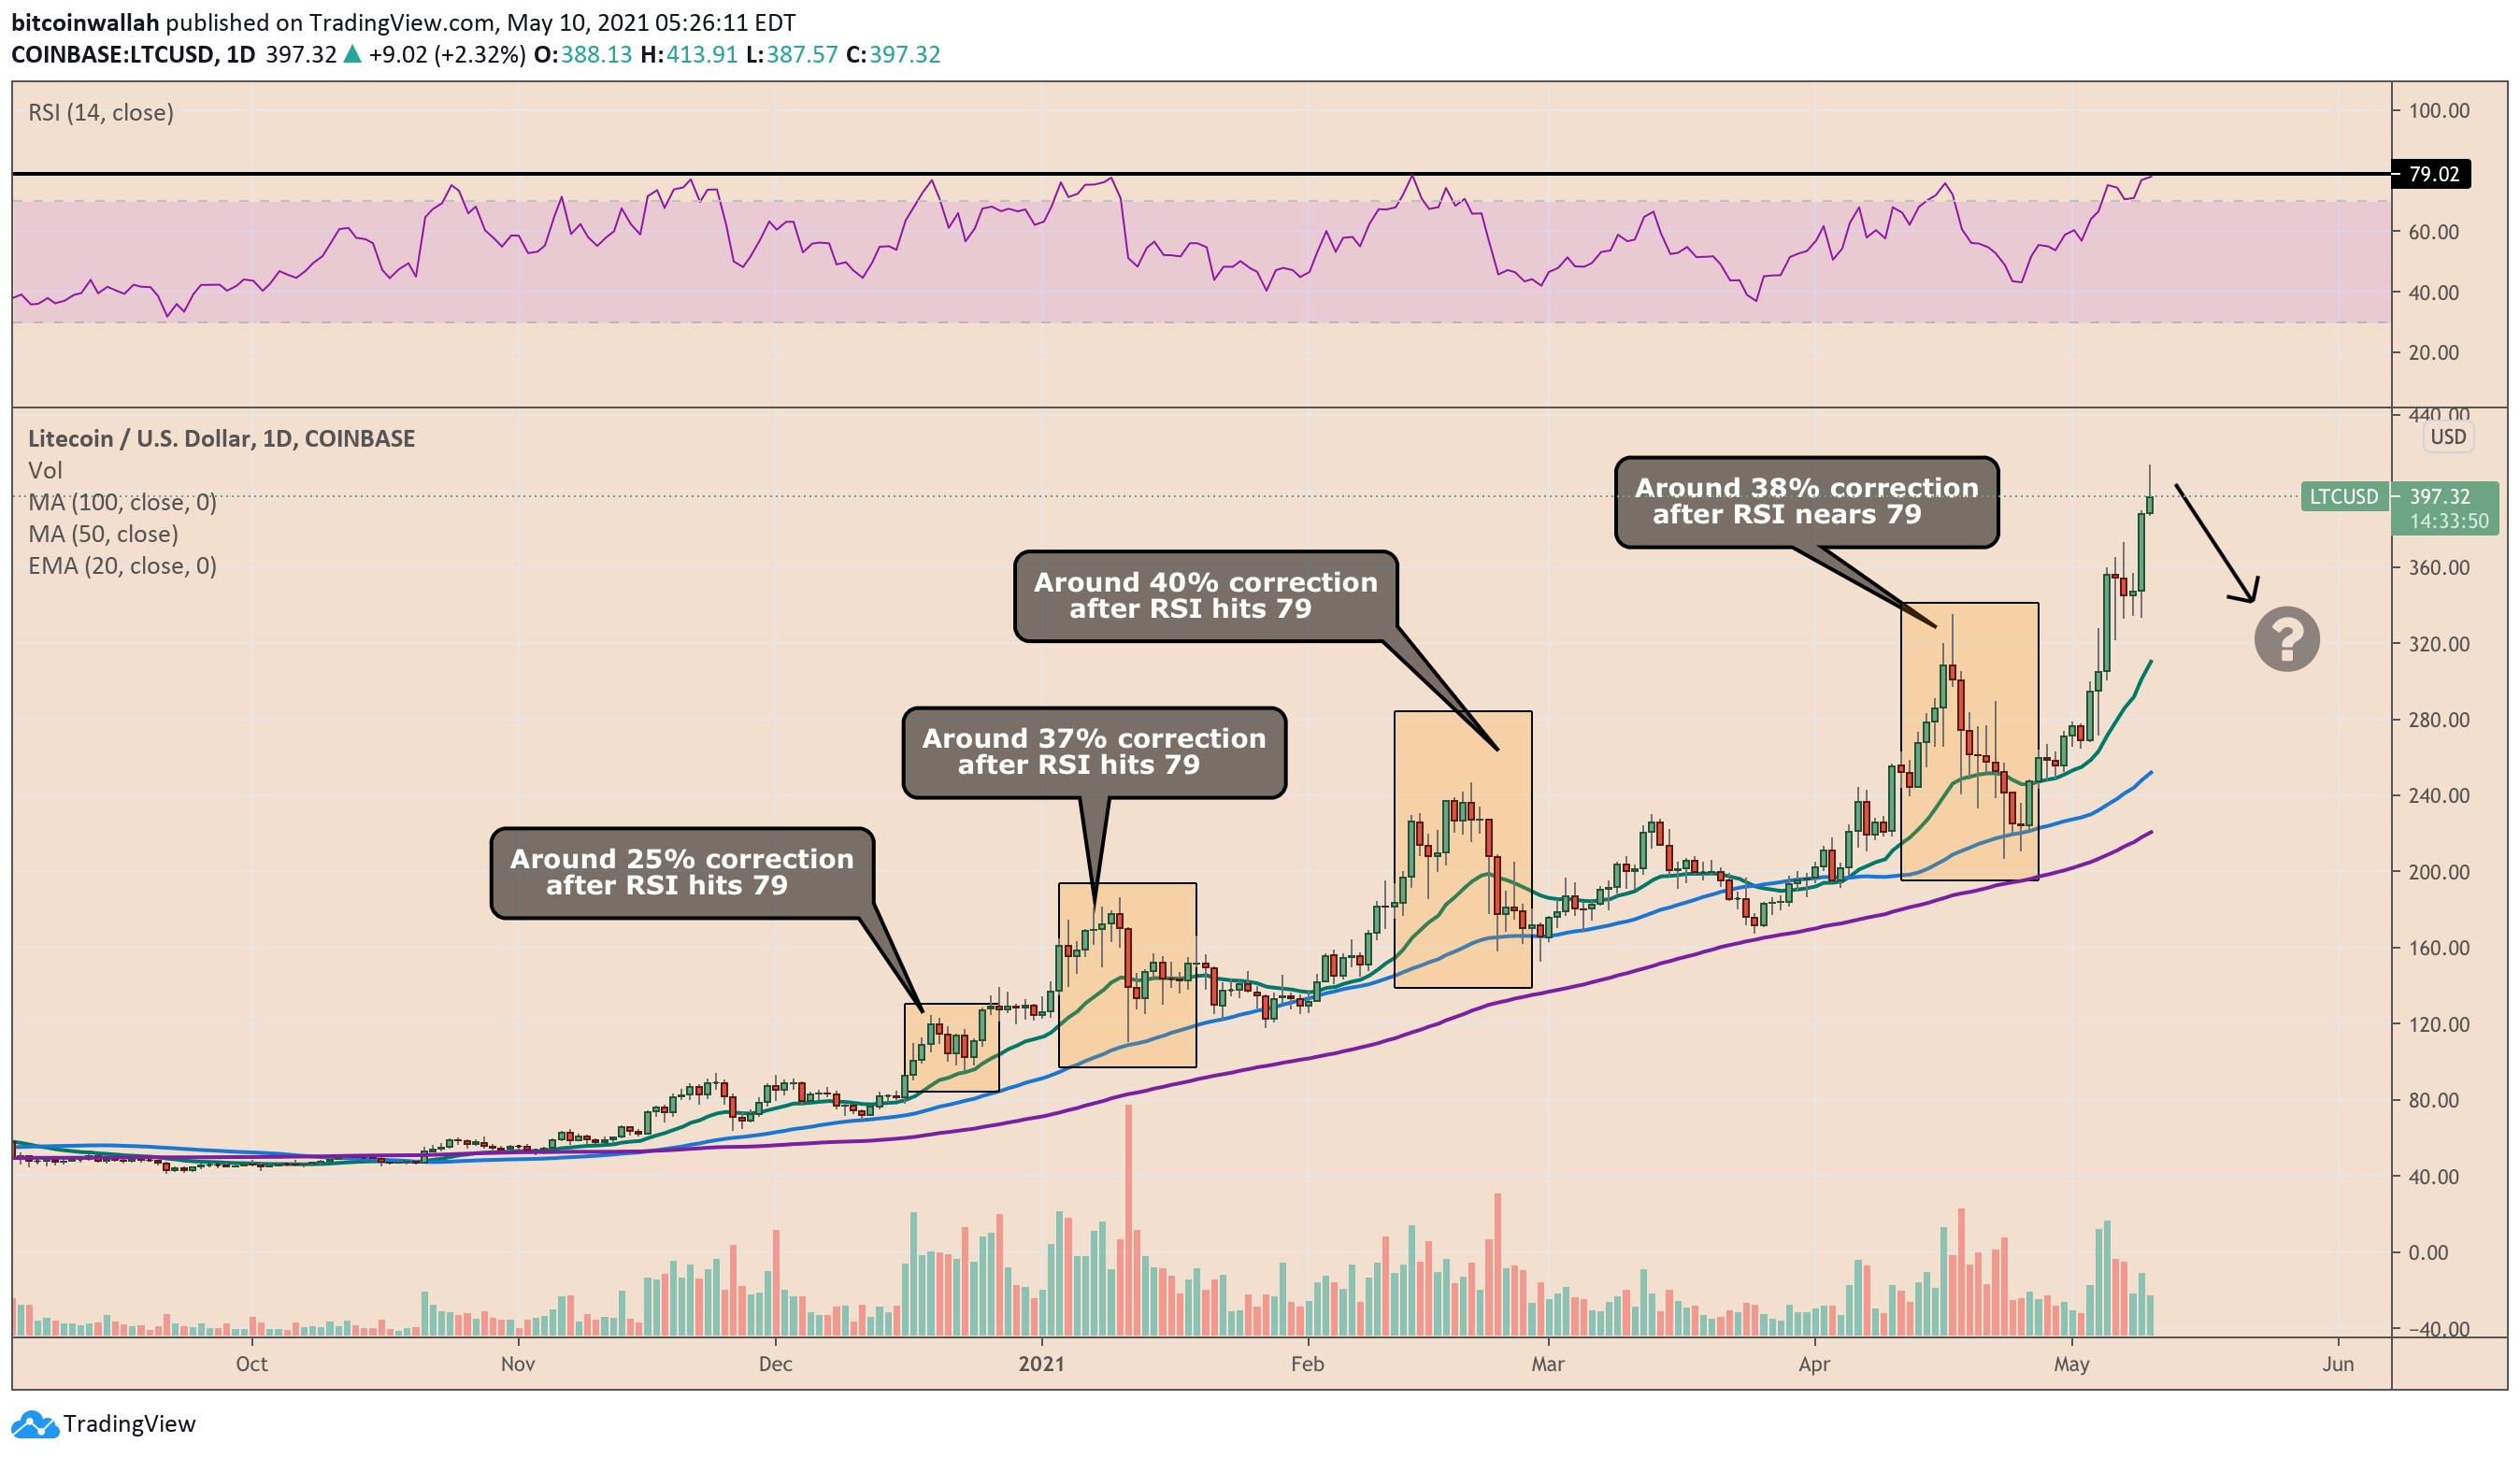 Reazioni del prezzo di Litecoin a livelli RSI superiori negli ultimi mesi